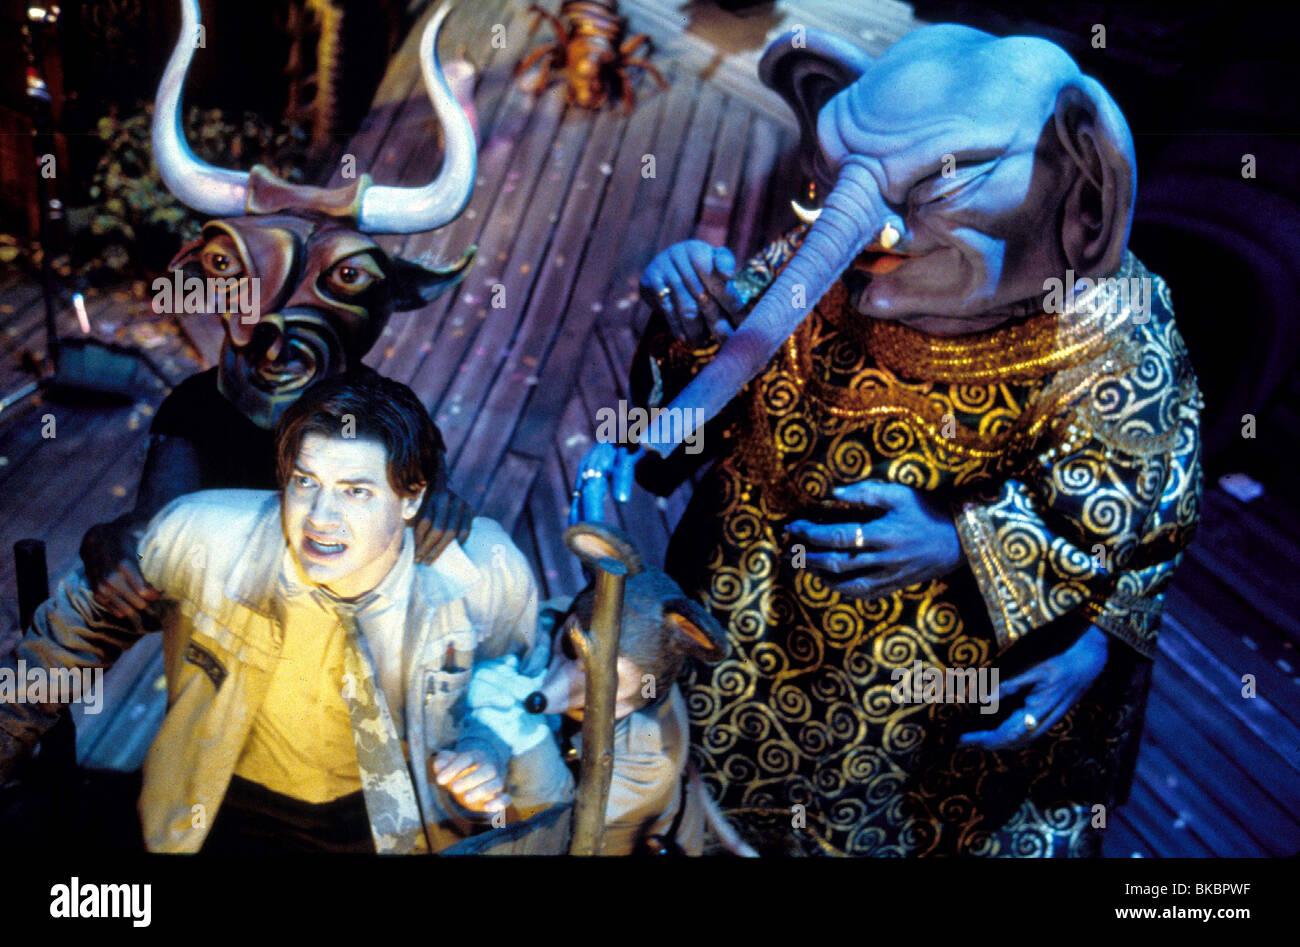 MONKEYBONE -2001 BRENDAN FRASER - Stock Image